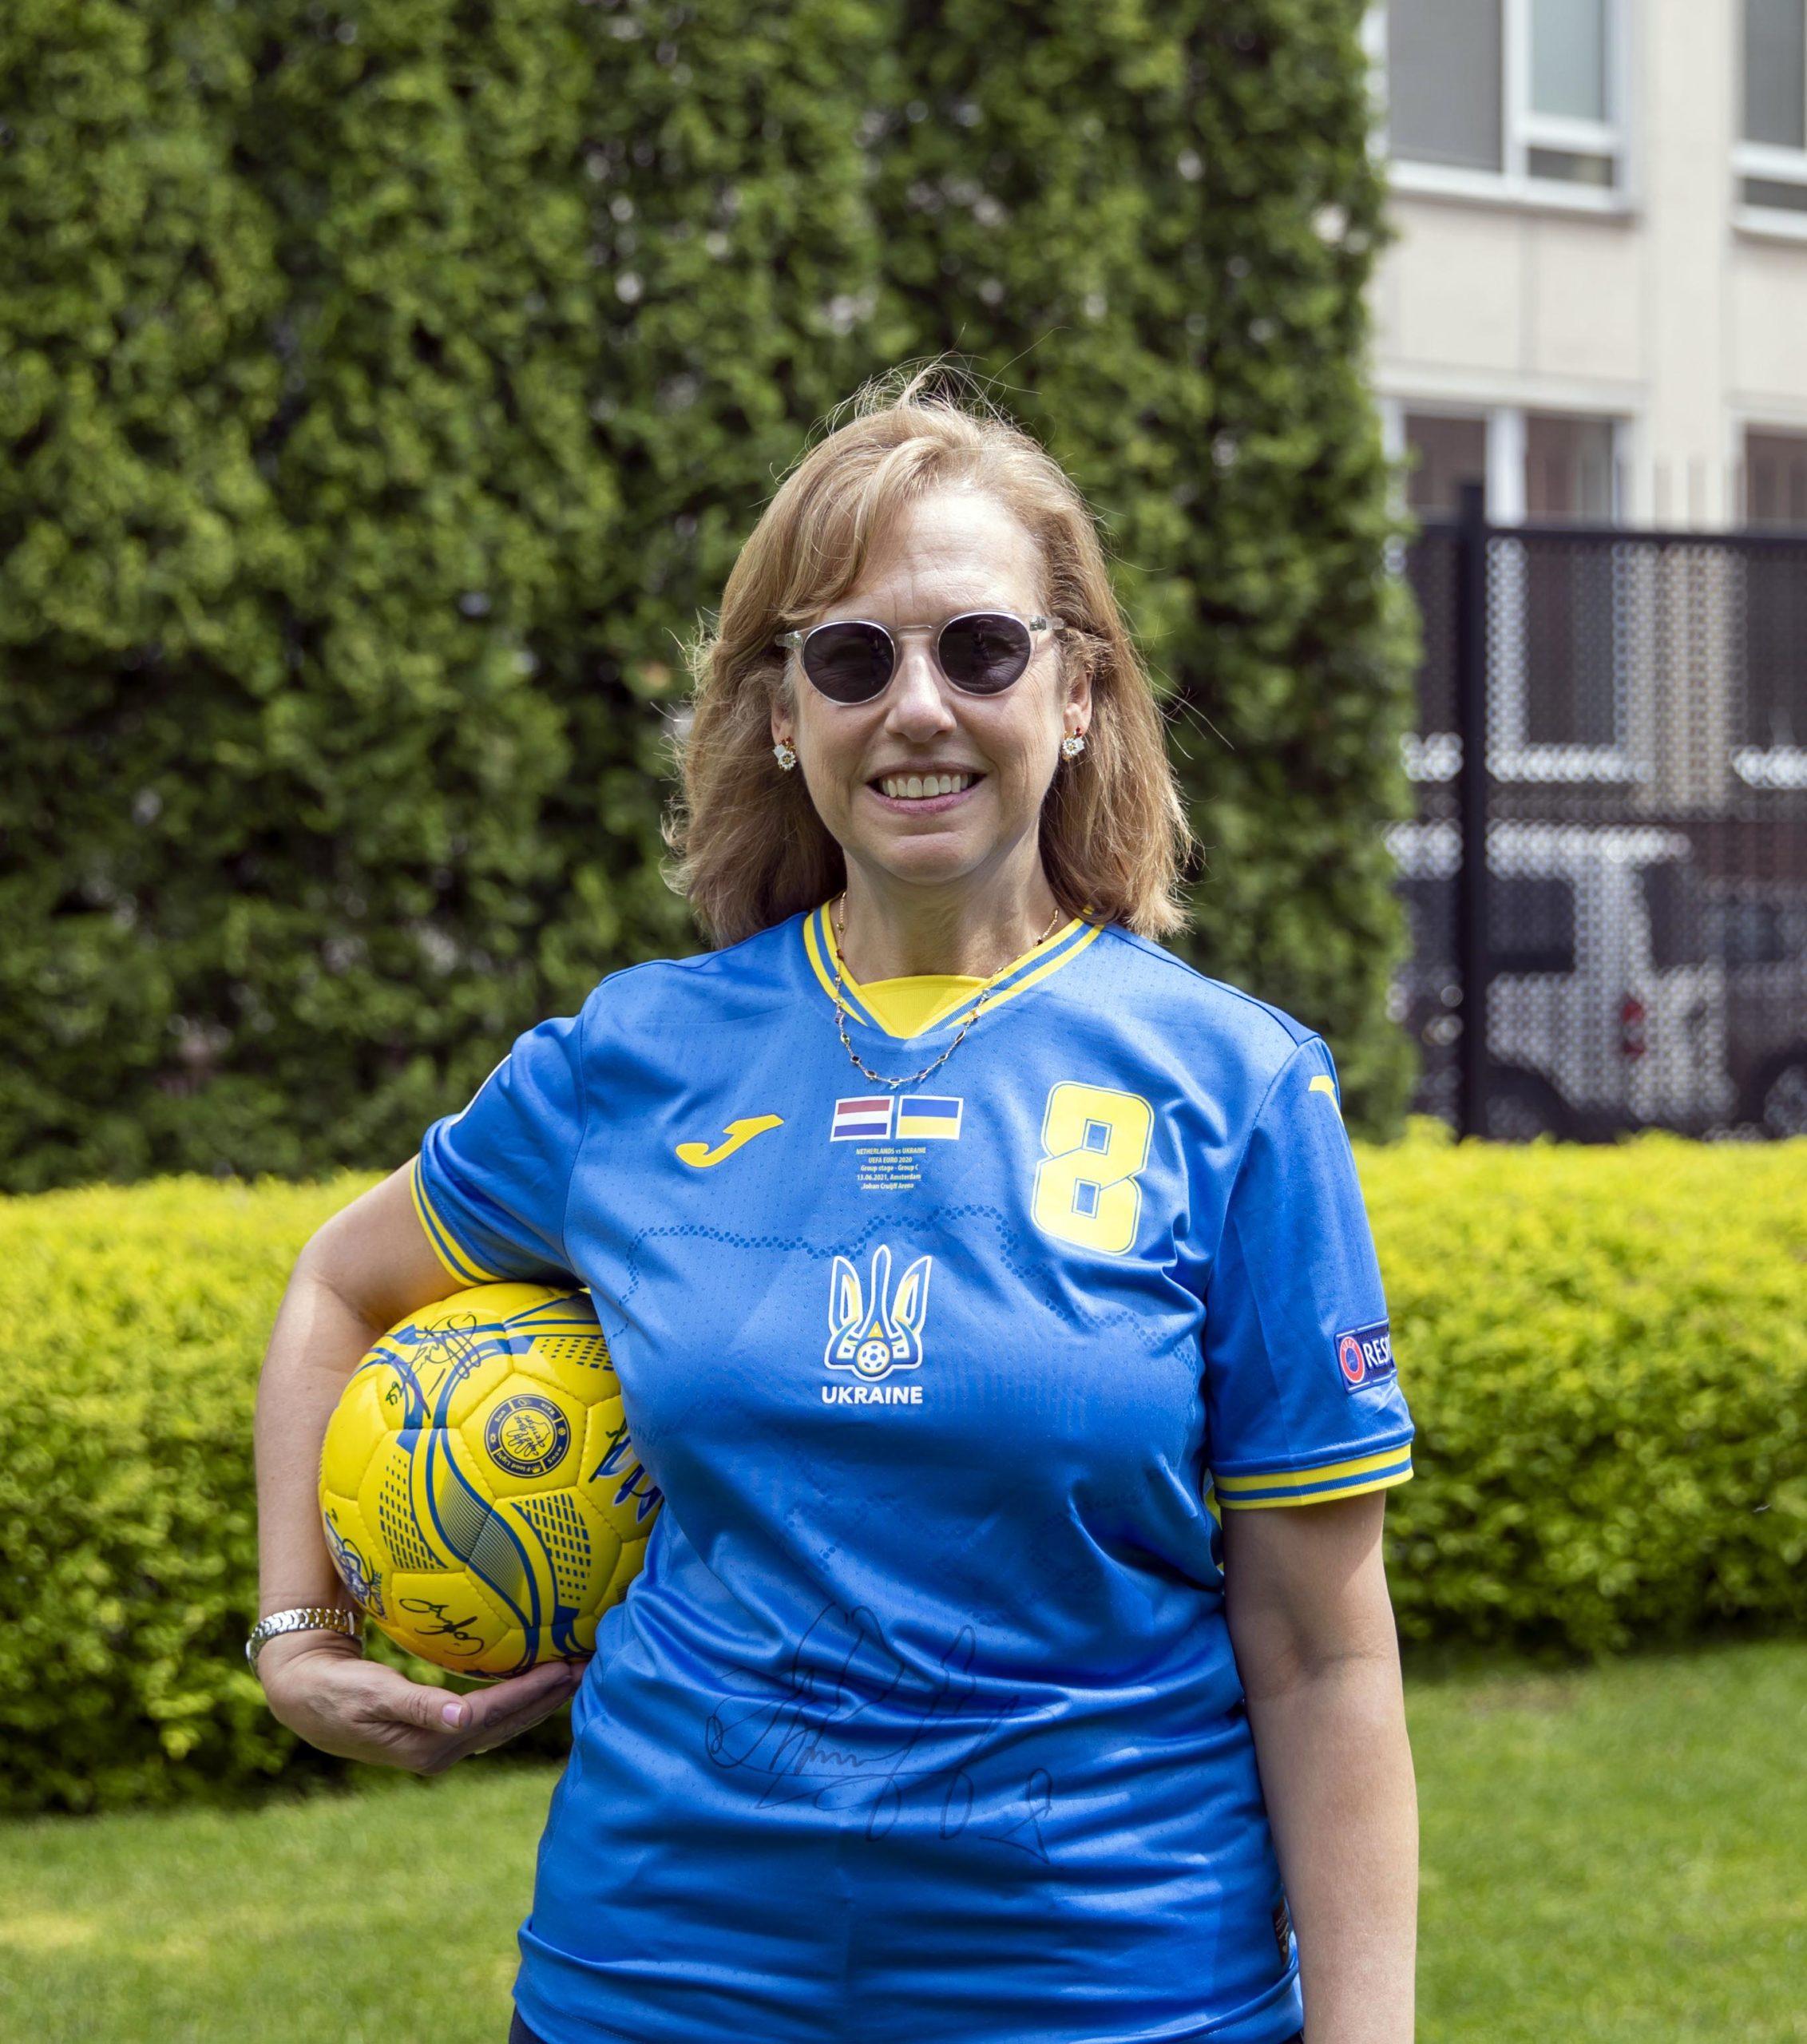 Работники посольства США одели обновленную форму сборной Украины по футболу фото